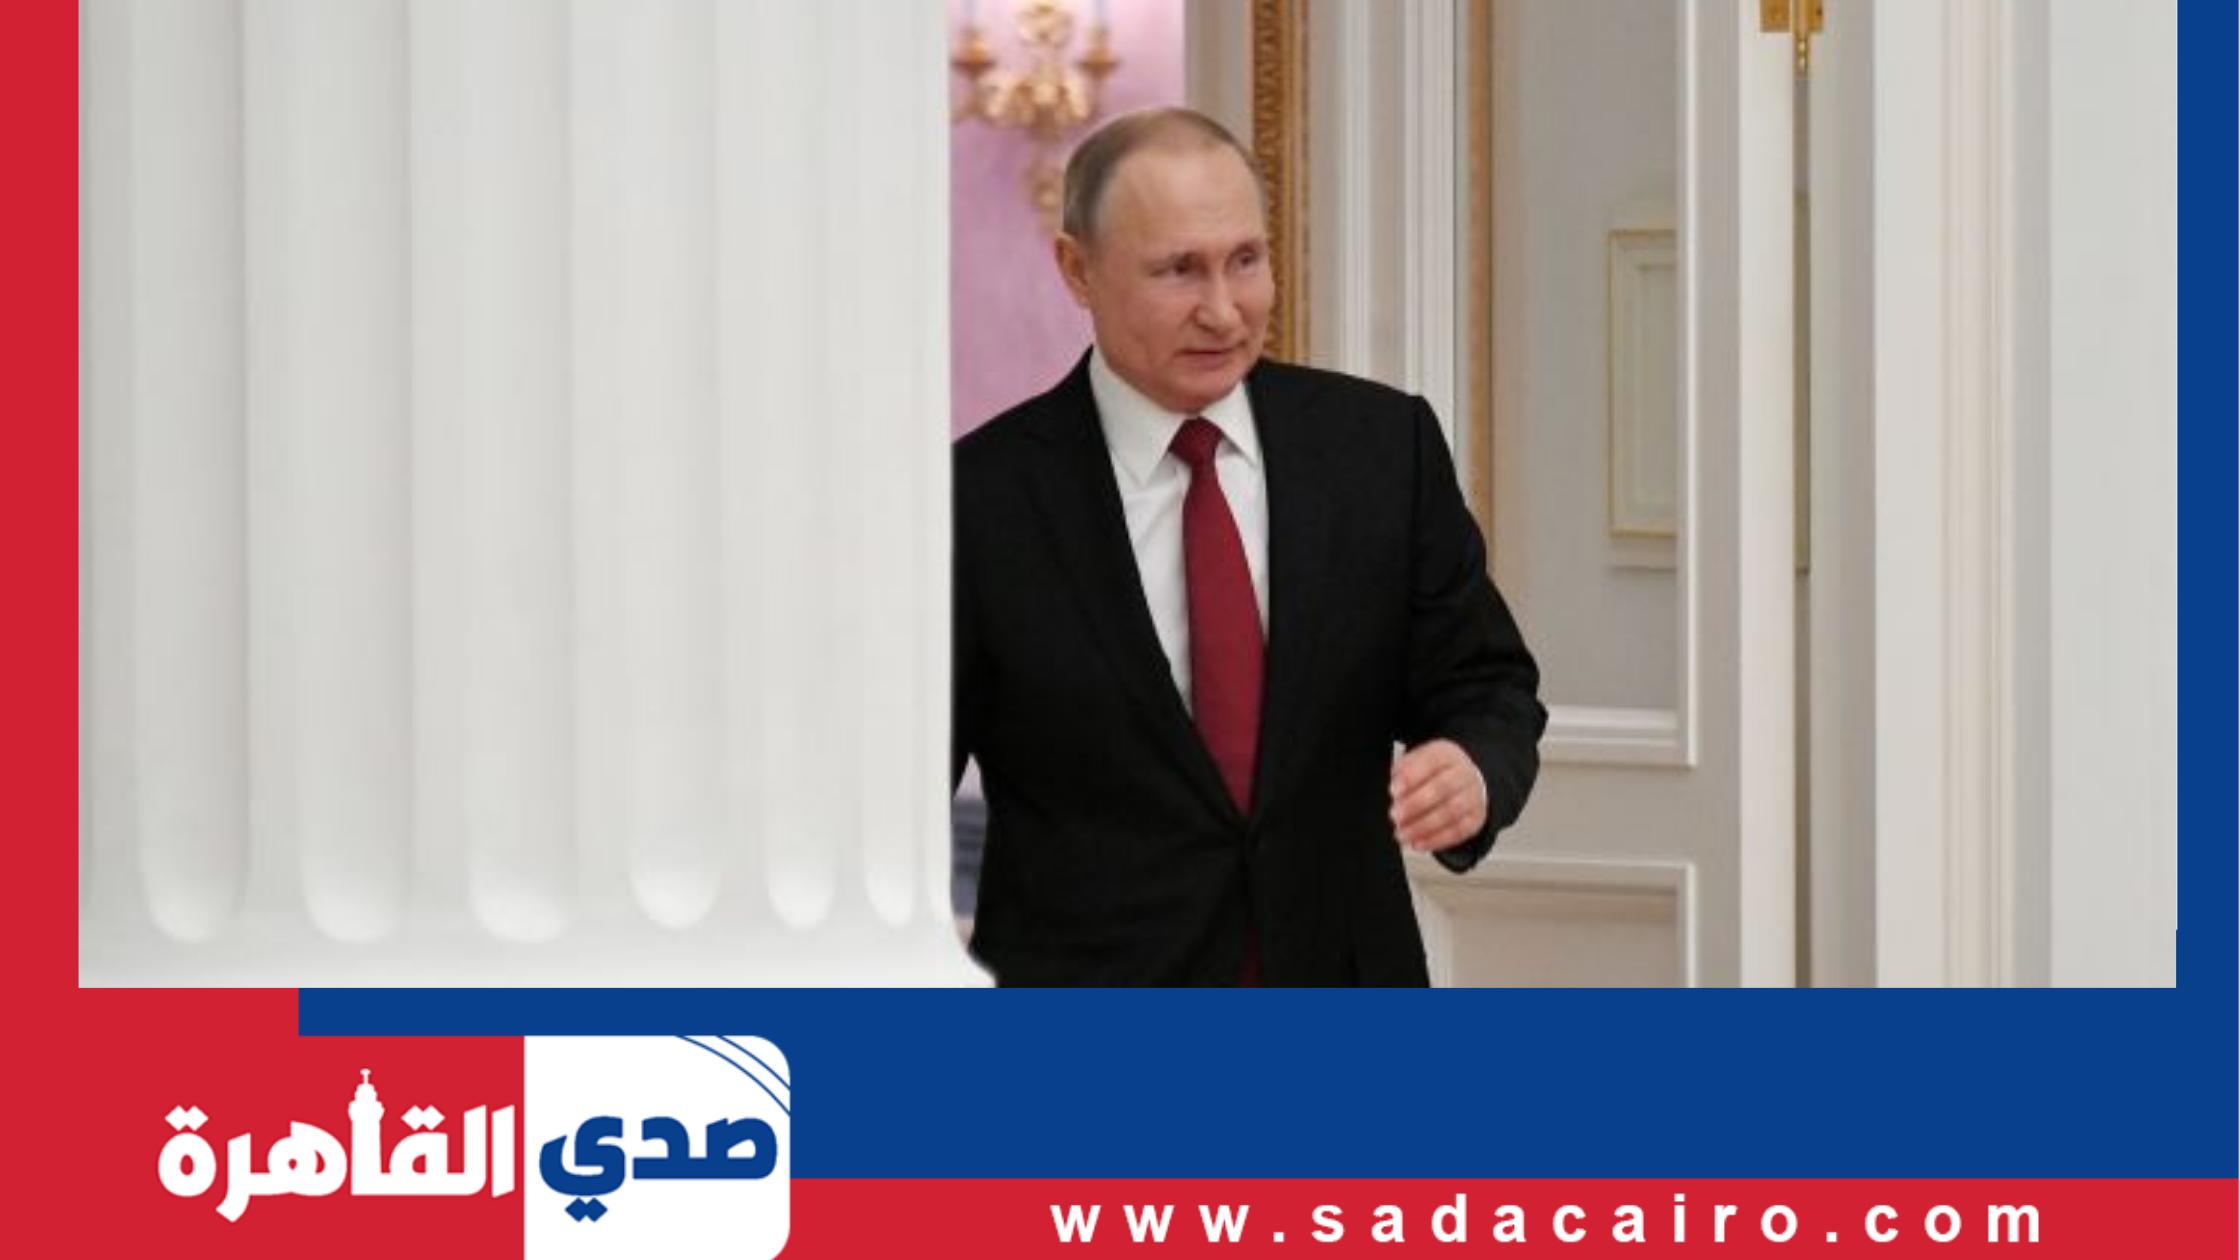 الرئيس الروسي فلاديمير بوتين يتحدث عن تداعيات كورونا على بلاده